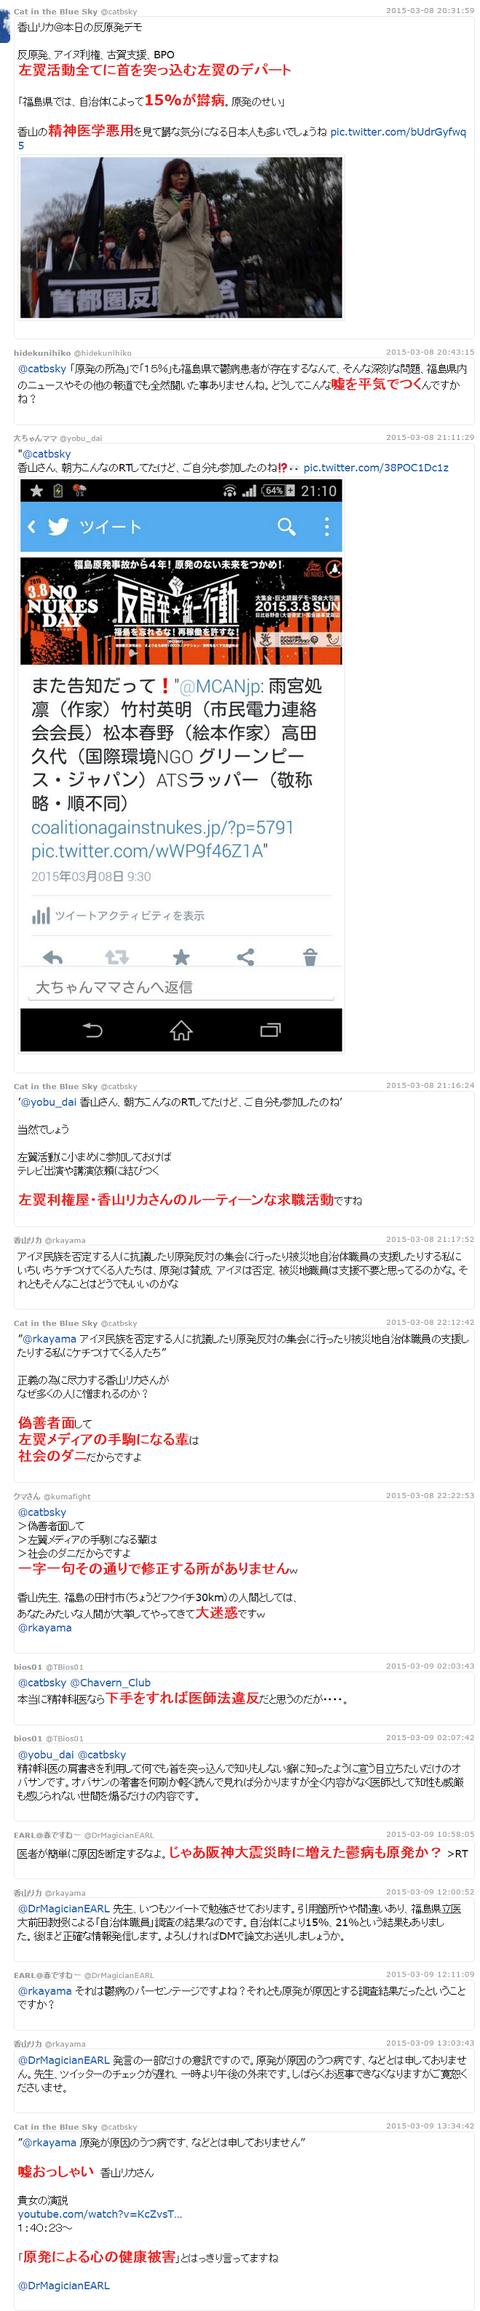 香山リカ「何もかも原発のせい」